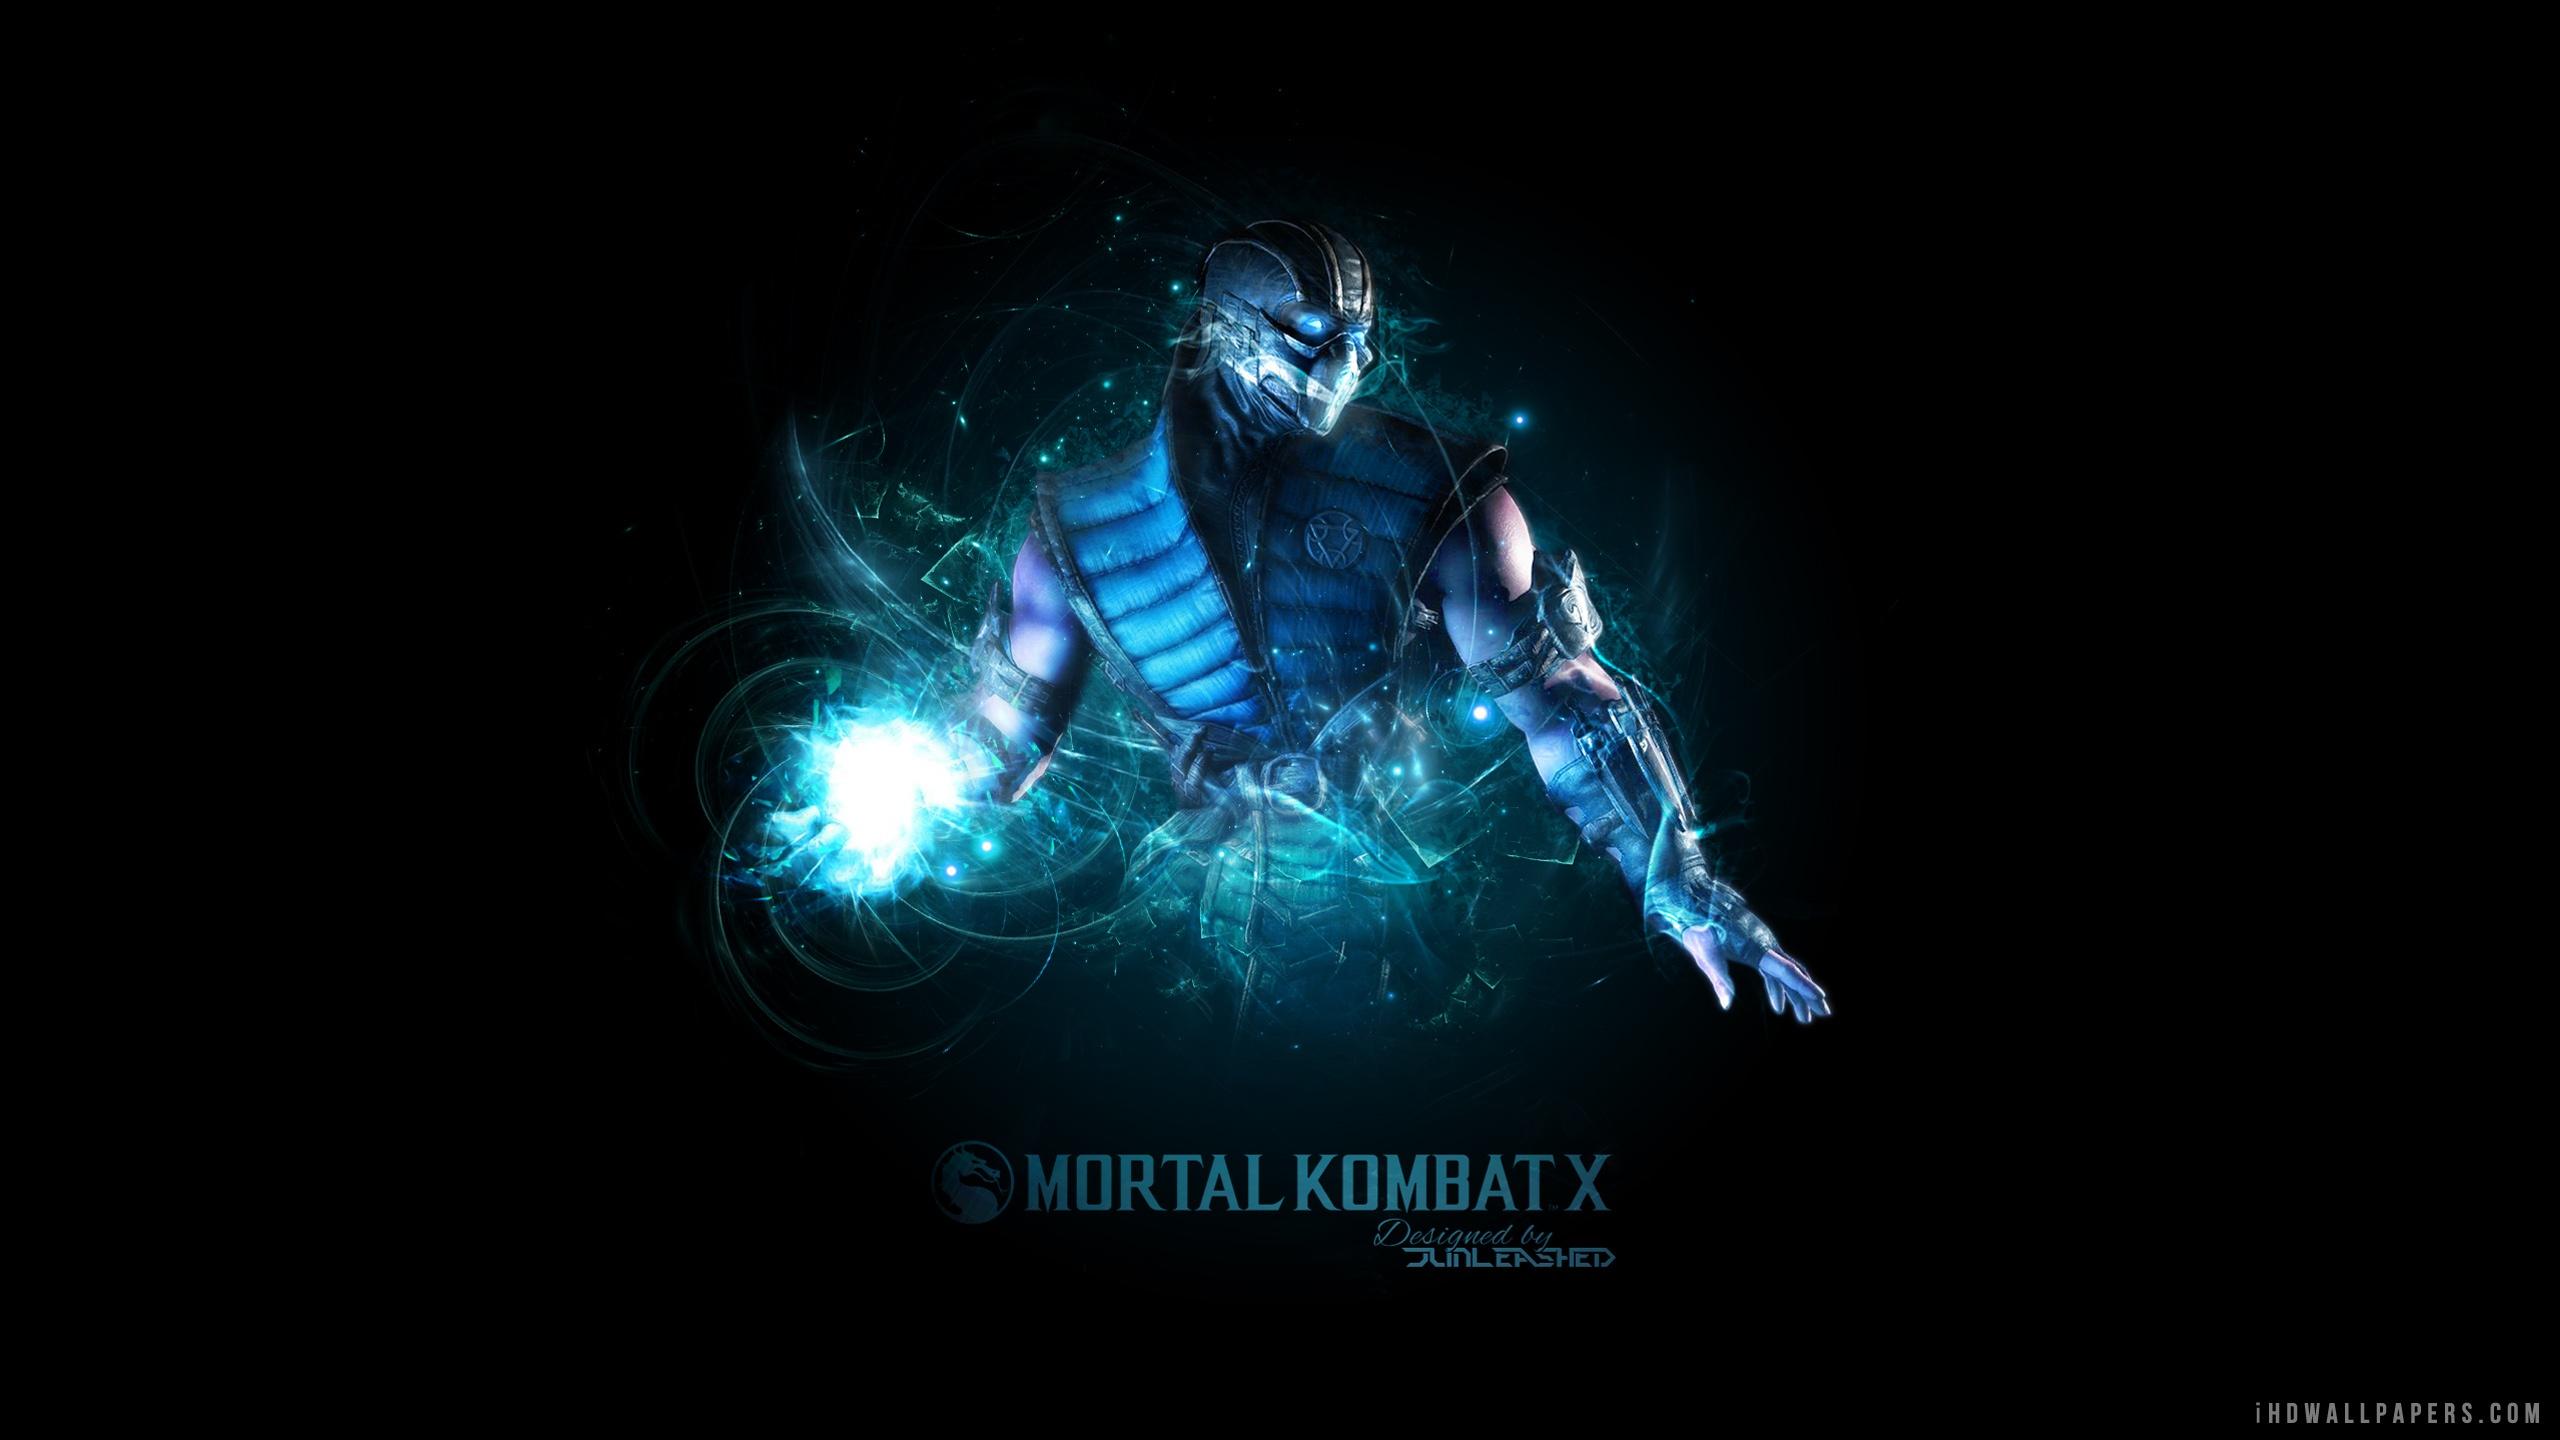 Mortal Kombat X HD Wallpaper   iHD Wallpapers 2560x1440